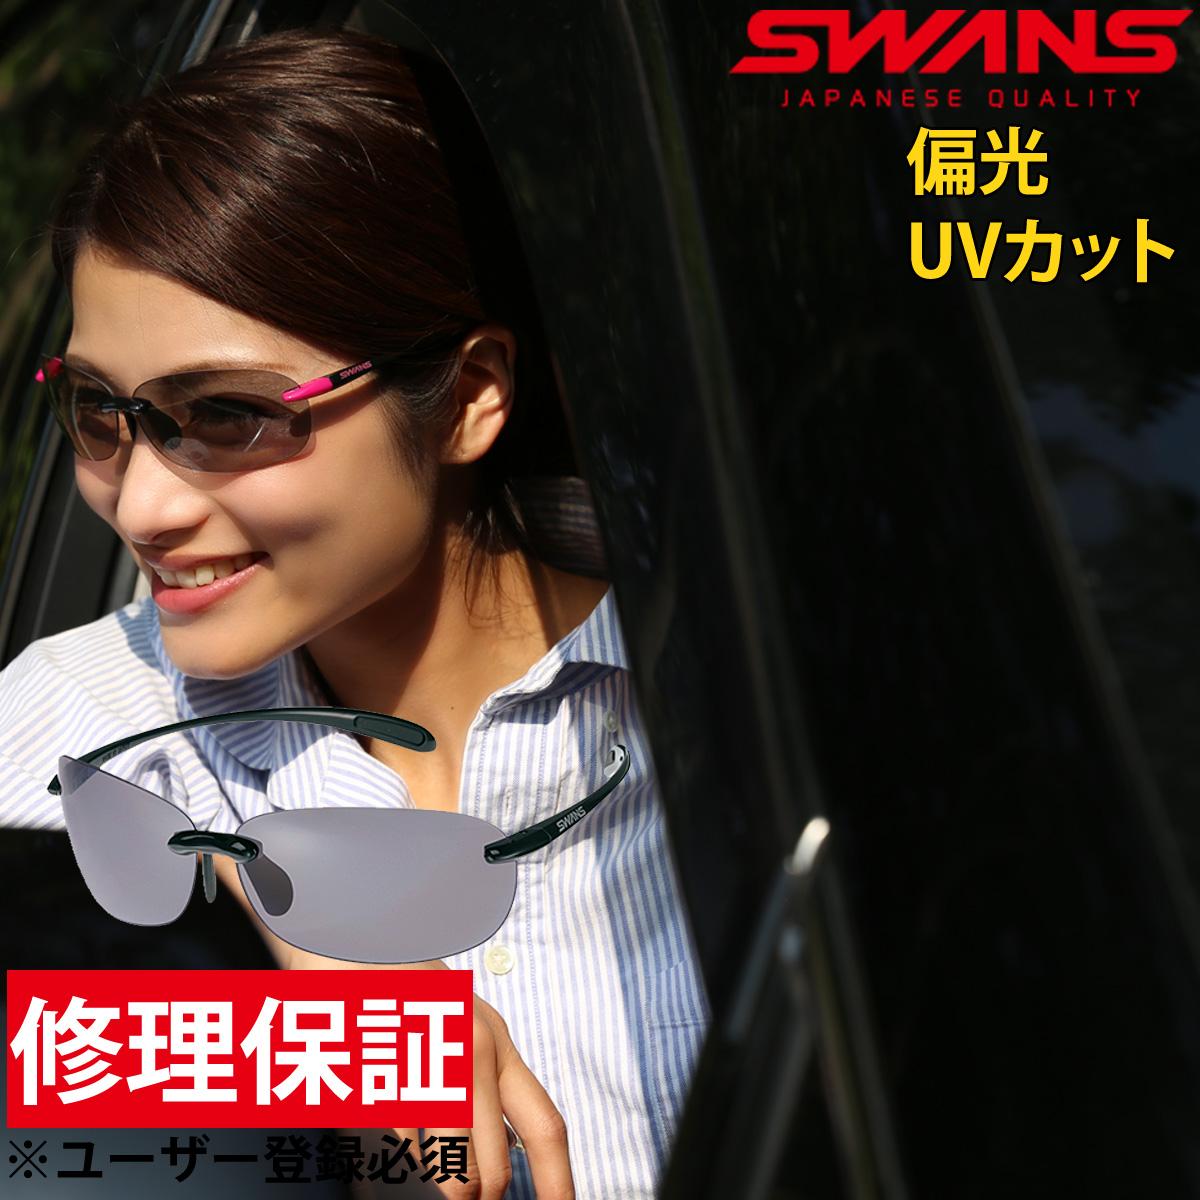 サングラス 偏光 メンズ レディース スワンズ エアレスビーンズ Airless-Beans 偏光グラス SWANS スポーツサングラス uvカット 紫外線 おしゃれ ゴルフ 釣り 野球